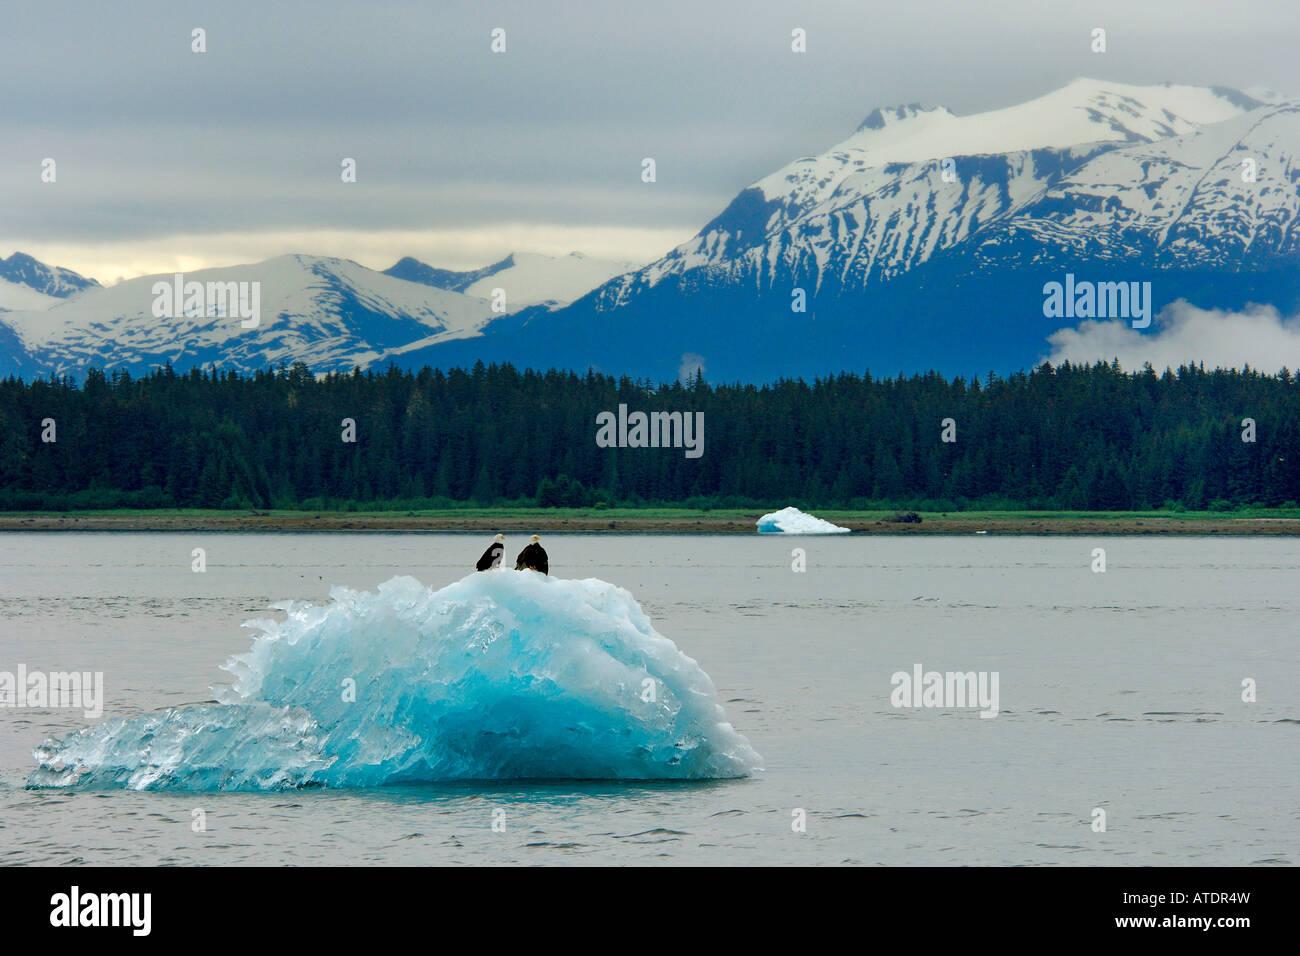 Aquila calva Haliaeetus leucocephalus su iceberg passaggio interno Alaska Oceano Pacifico Immagini Stock